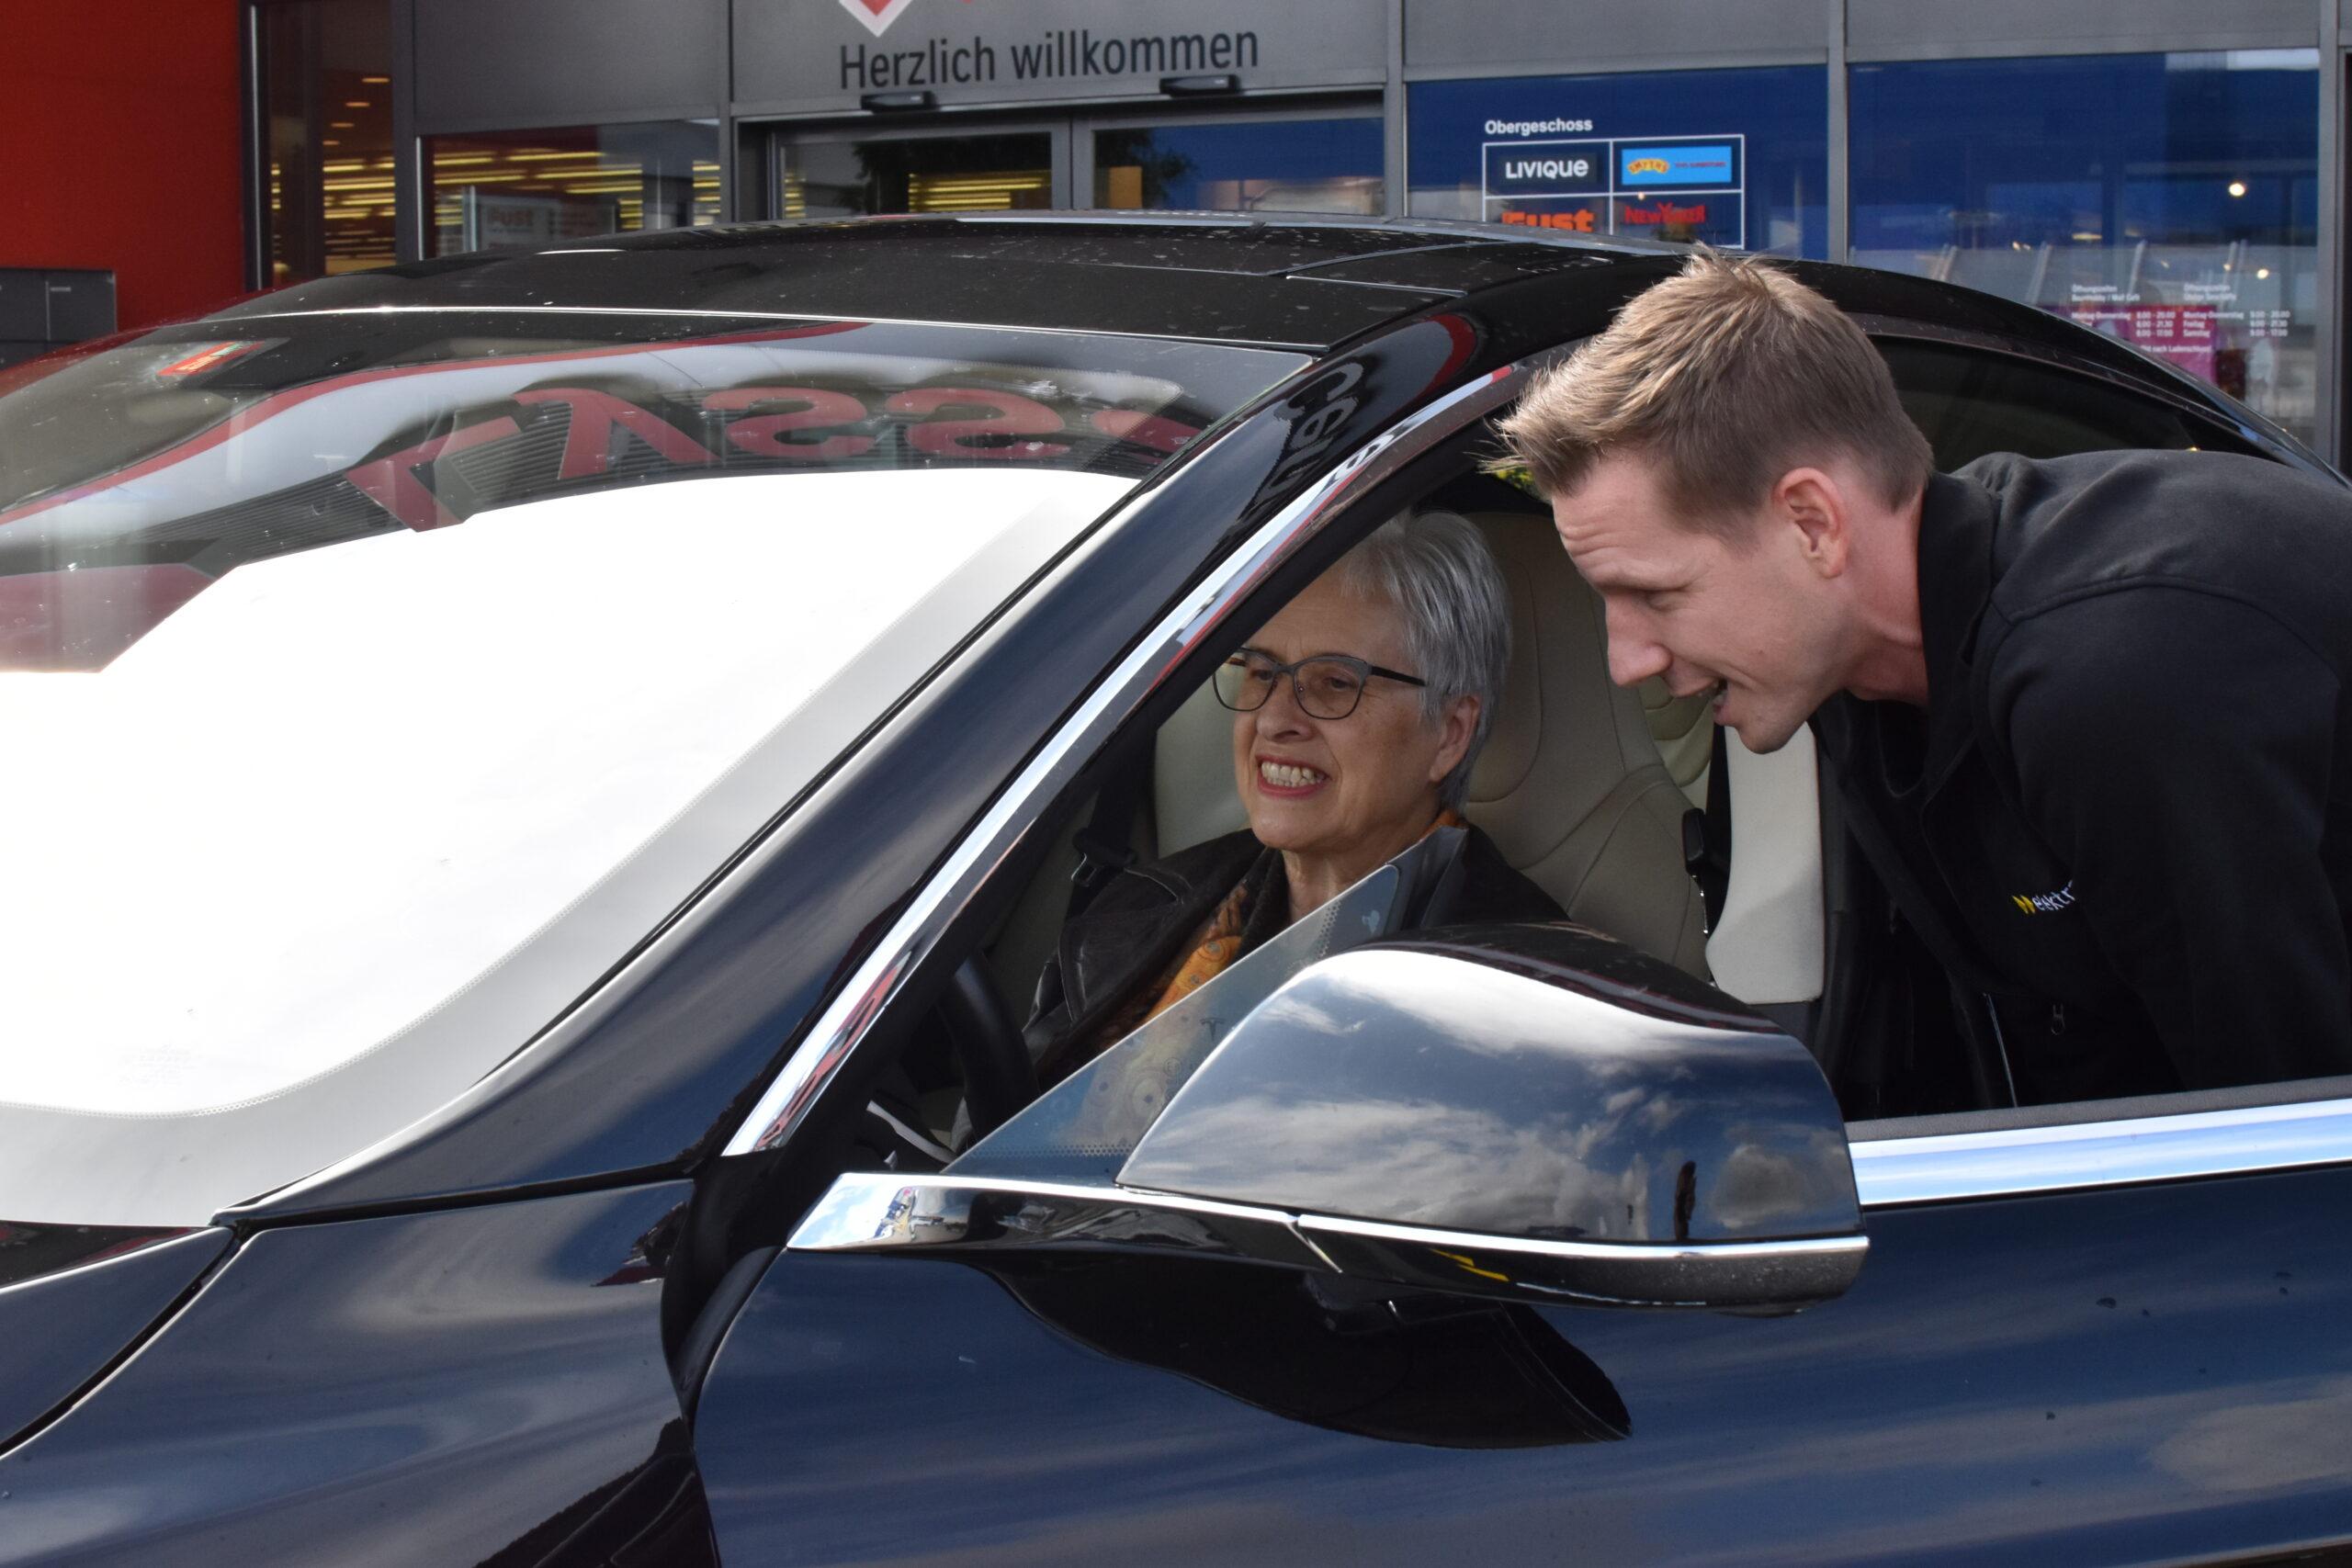 Matthias Ostermeier, Fachspezialist für Energielösungen bei Elektra, erklärt der glücklichen Wettbewerbsgewinnerin Frau Schori, wie der Tesla zu bedienen ist.